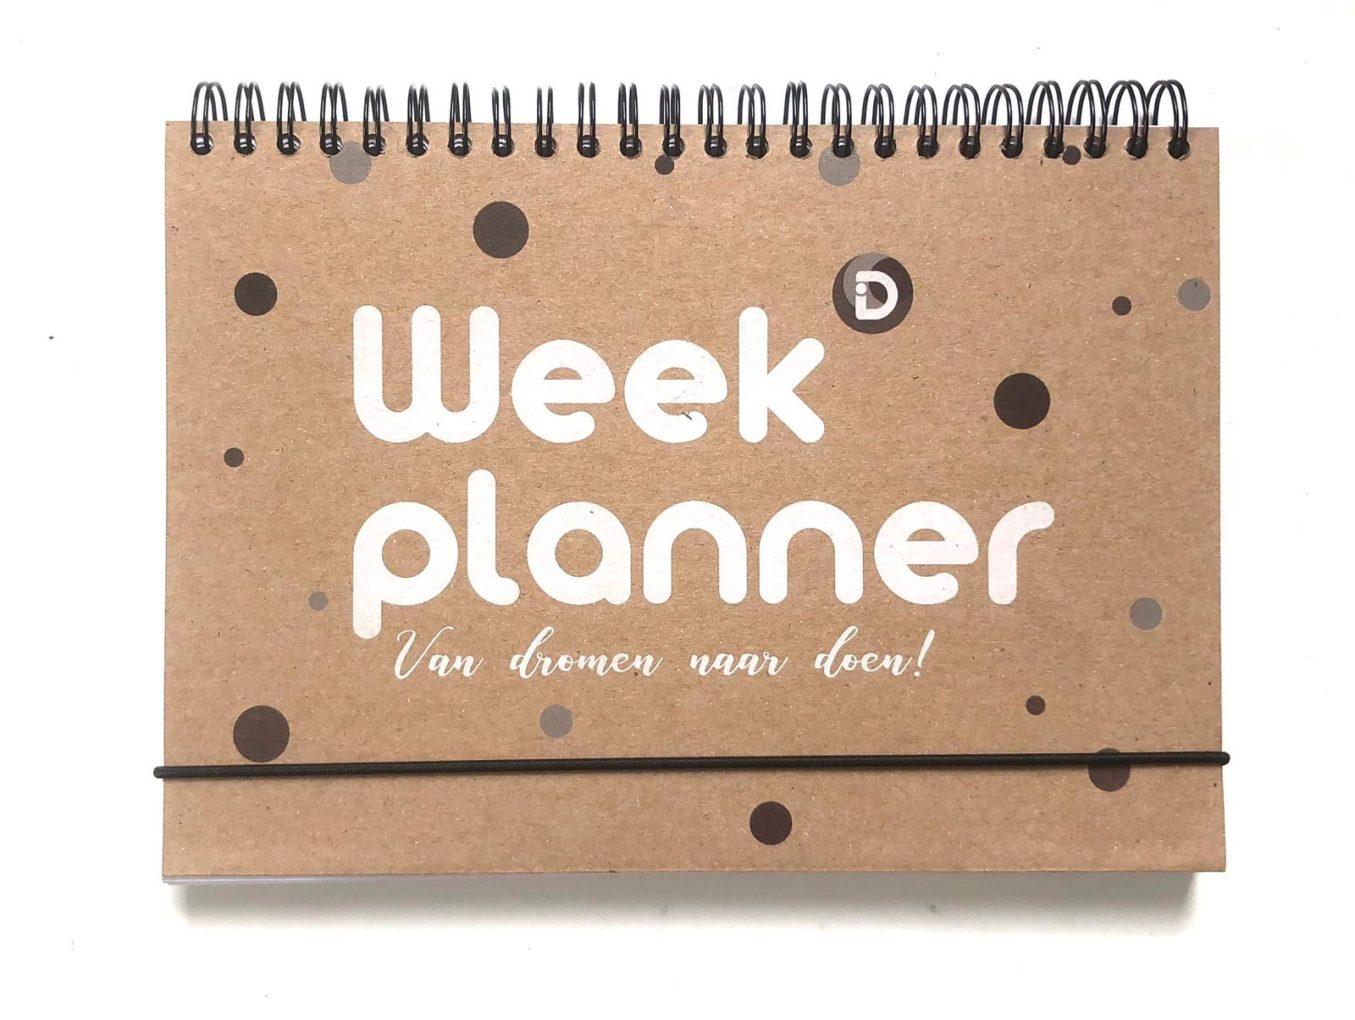 Weekplanner - van dromen naar doen